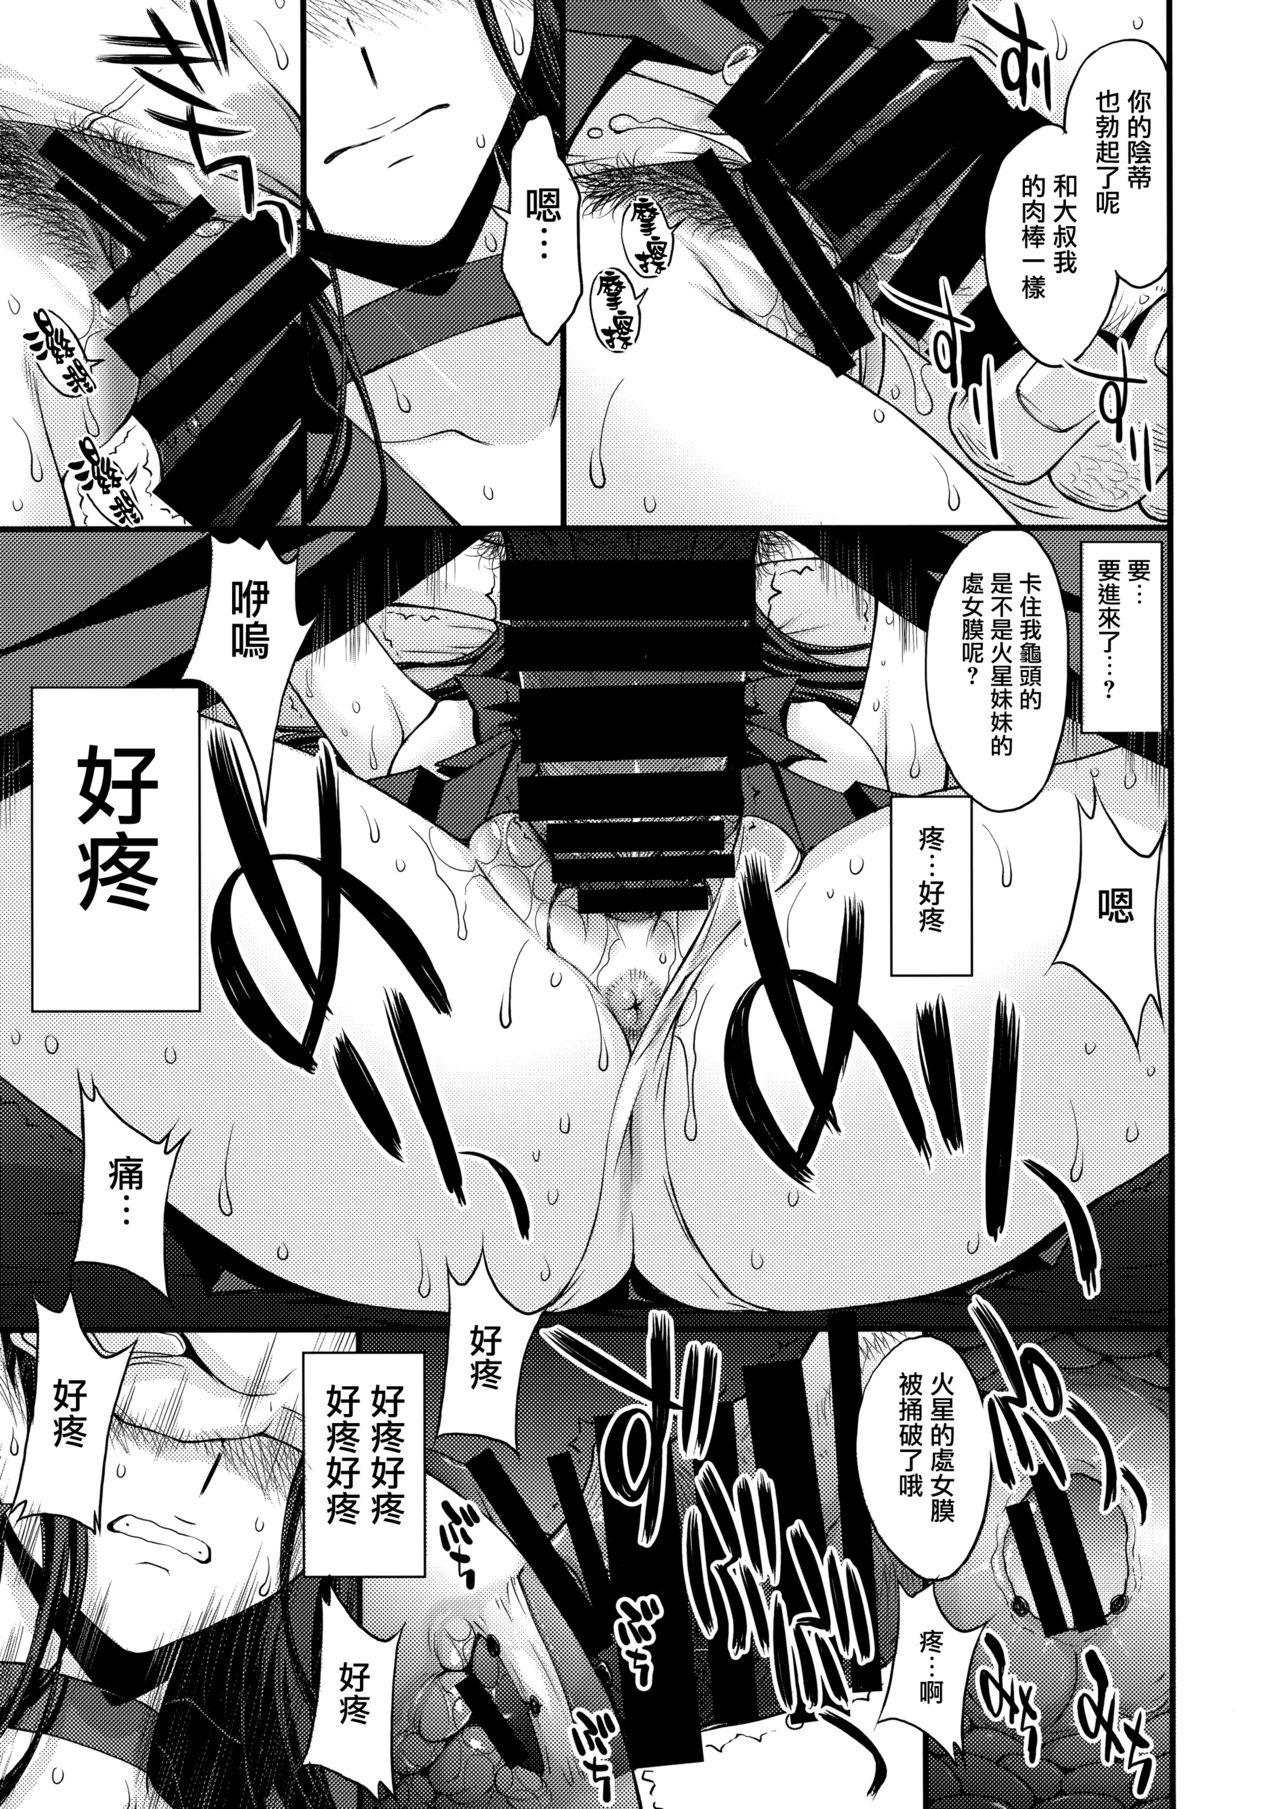 Mars o Chuunen Chinpo de Seiteki Sakushu Shitai! 13